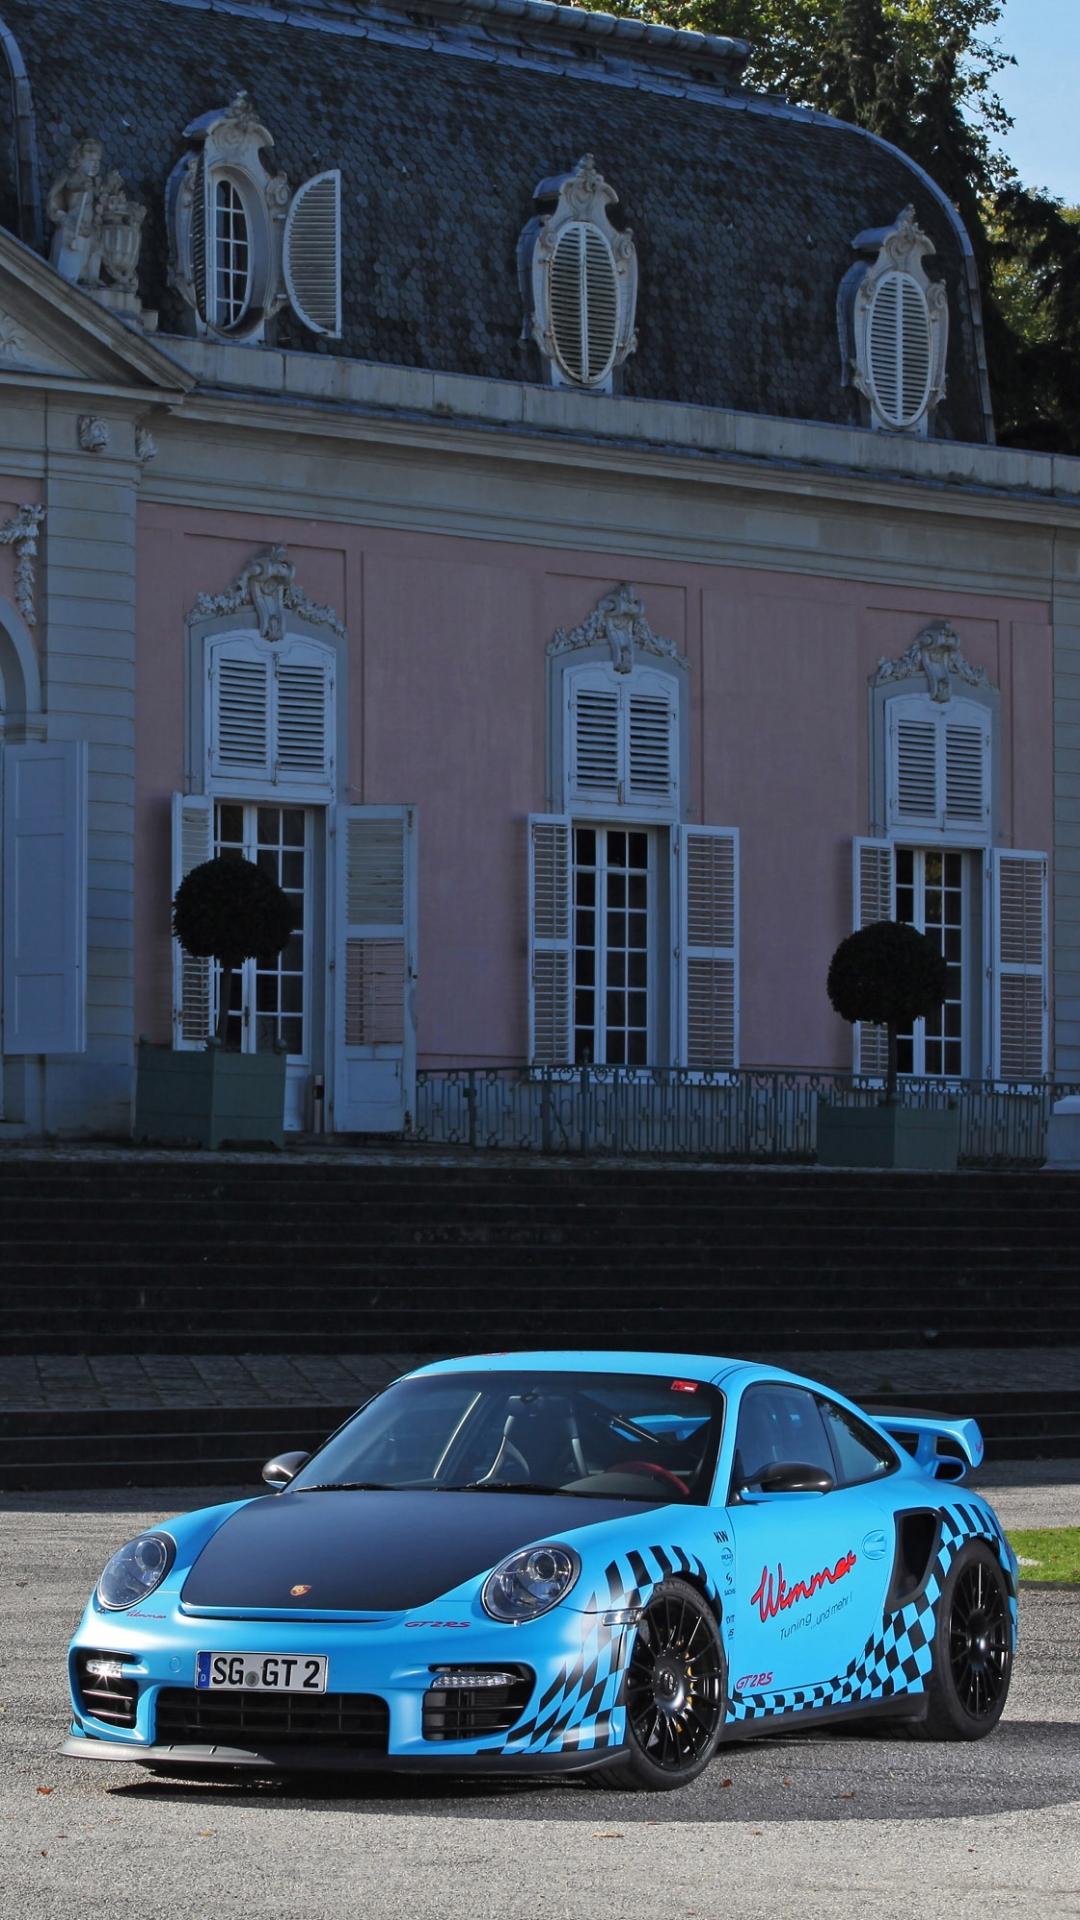 Vehicles Porsche 911 Gt2 1080x1920 Wallpaper Id 78040 Mobile Abyss